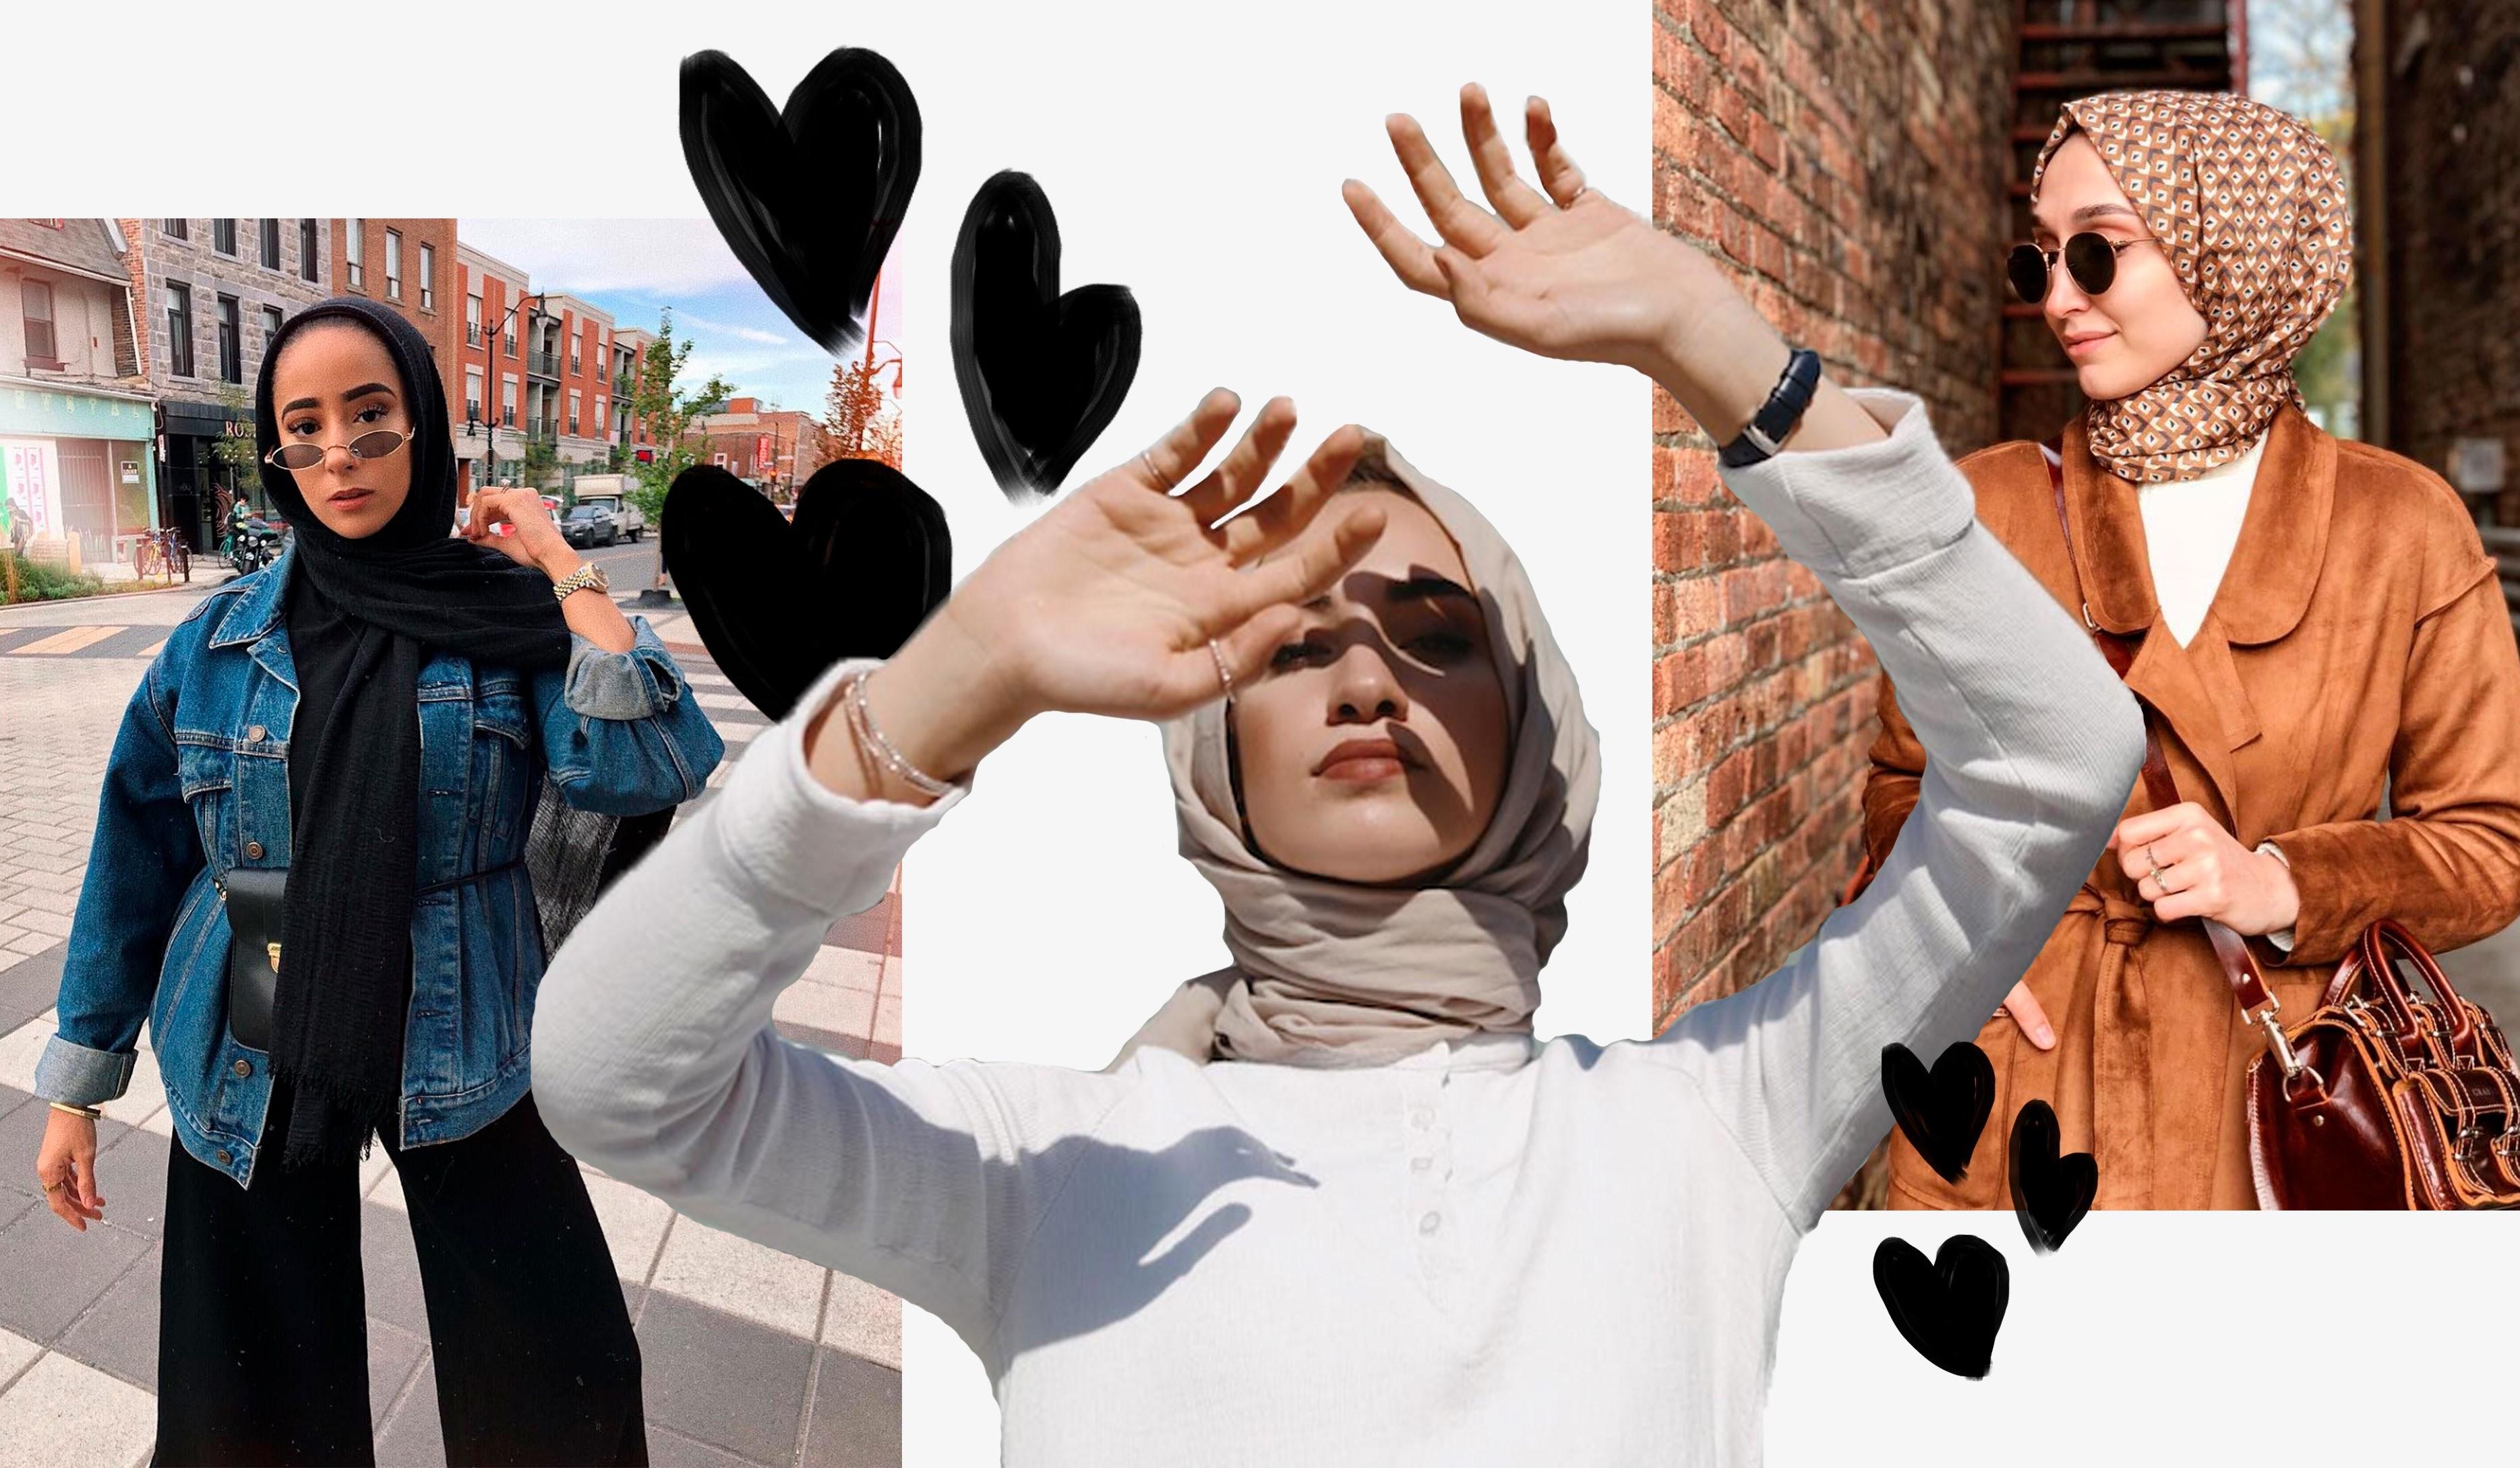 Курс на Восток: что такое modest fashion и почему паранджа вошла в моду?